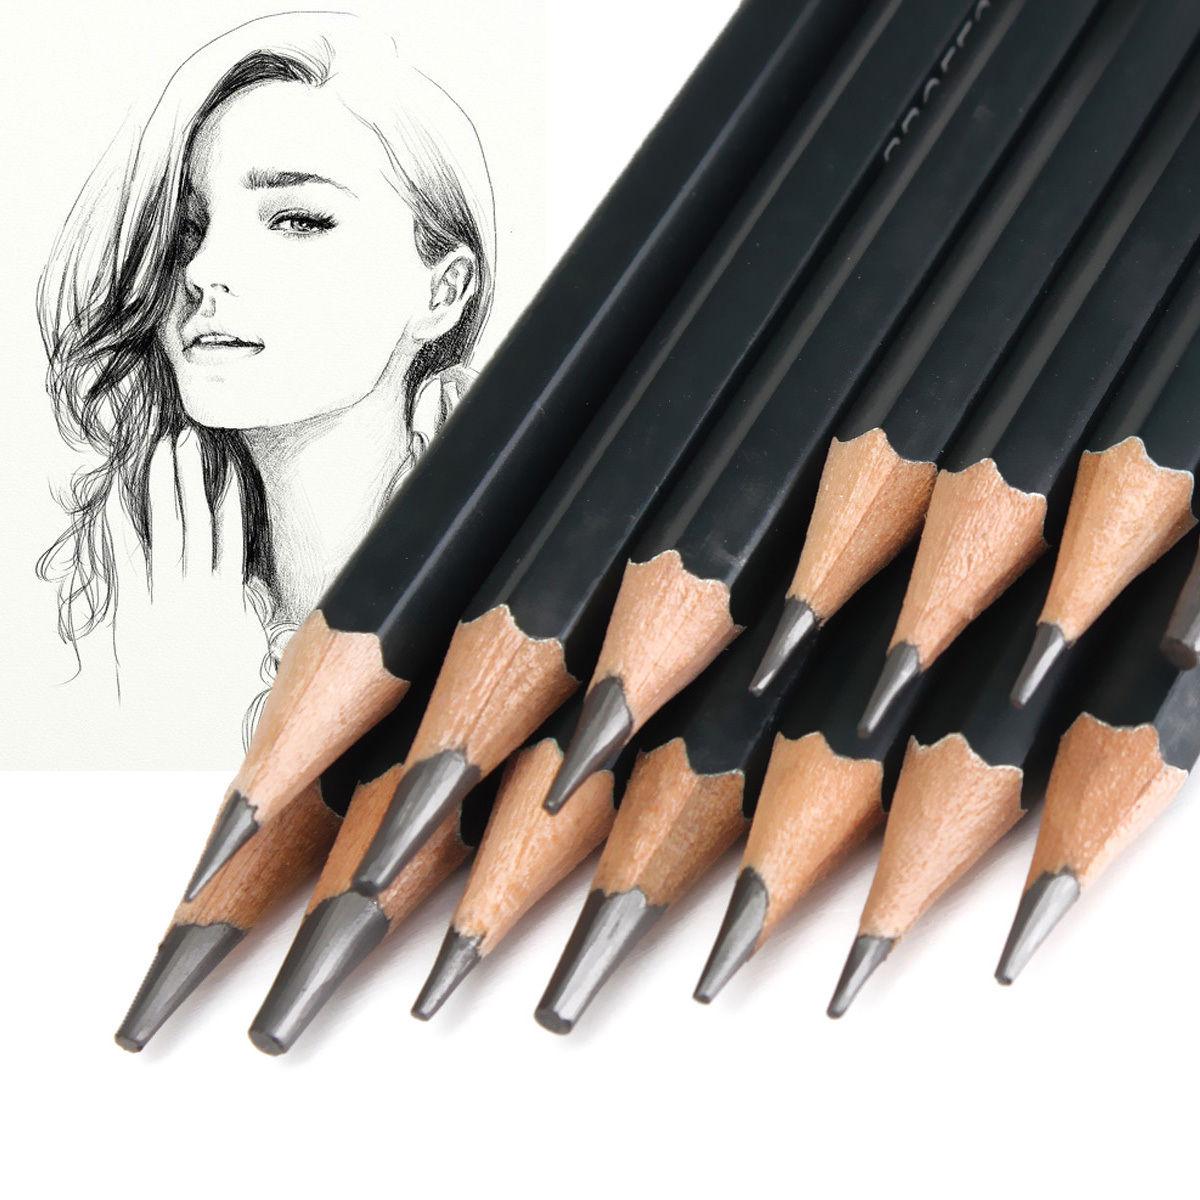 Гаджет  Set Of 14 Sketch Art Drawing Pencil 12B 10B 8B 7B 6B 5B 4B 3B 2B 1B HB 2H 4H 6H None Офисные и Школьные принадлежности